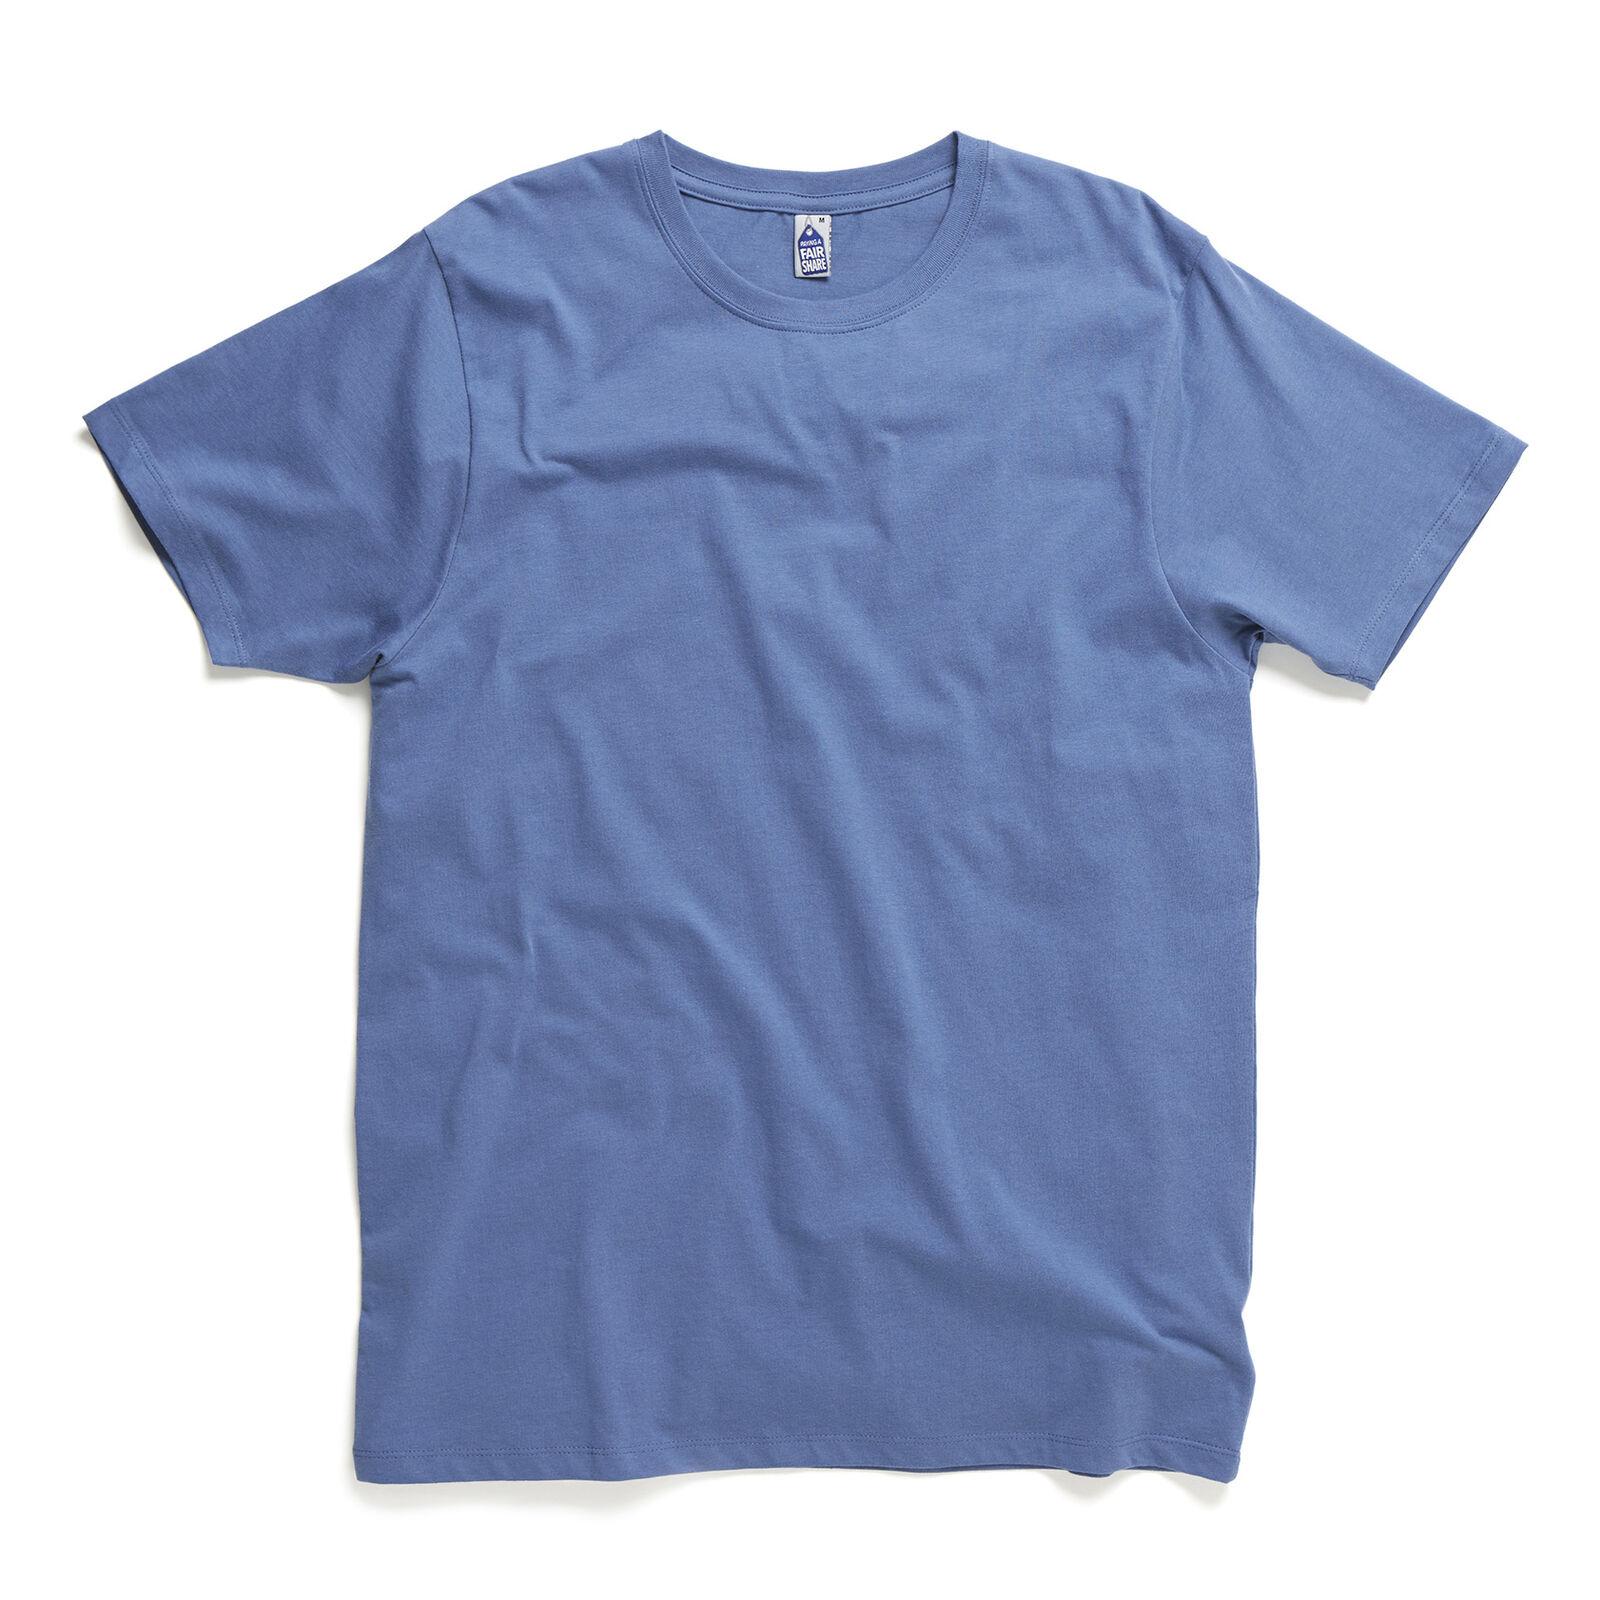 6e797a793 FS01 Men's/Unisex T-shirt